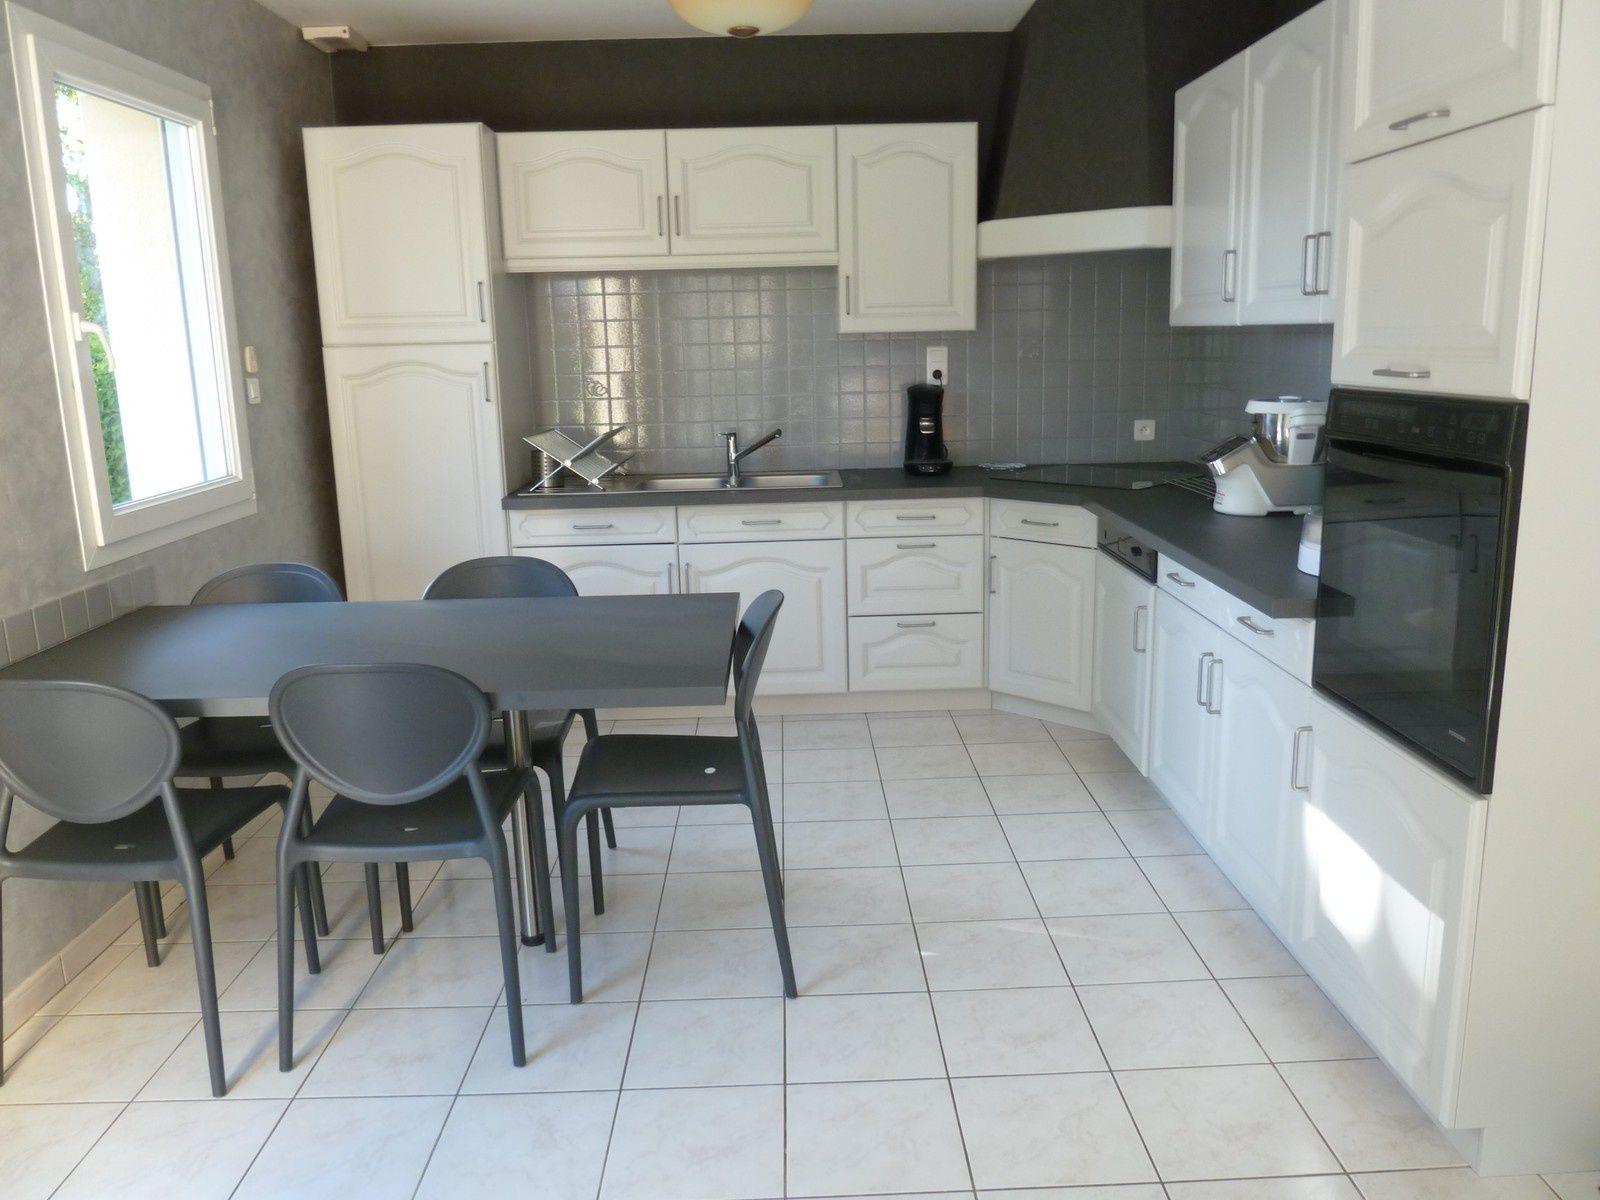 r nover une cuisine comment repeindre une cuisine en ch ne cuisine pinterest cuisine et home. Black Bedroom Furniture Sets. Home Design Ideas